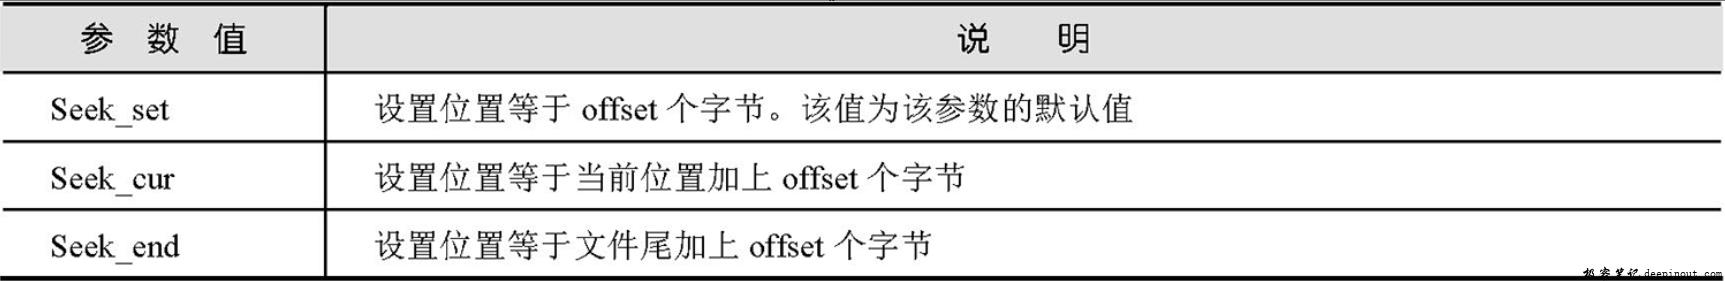 fseek()函数的whence 参数说明